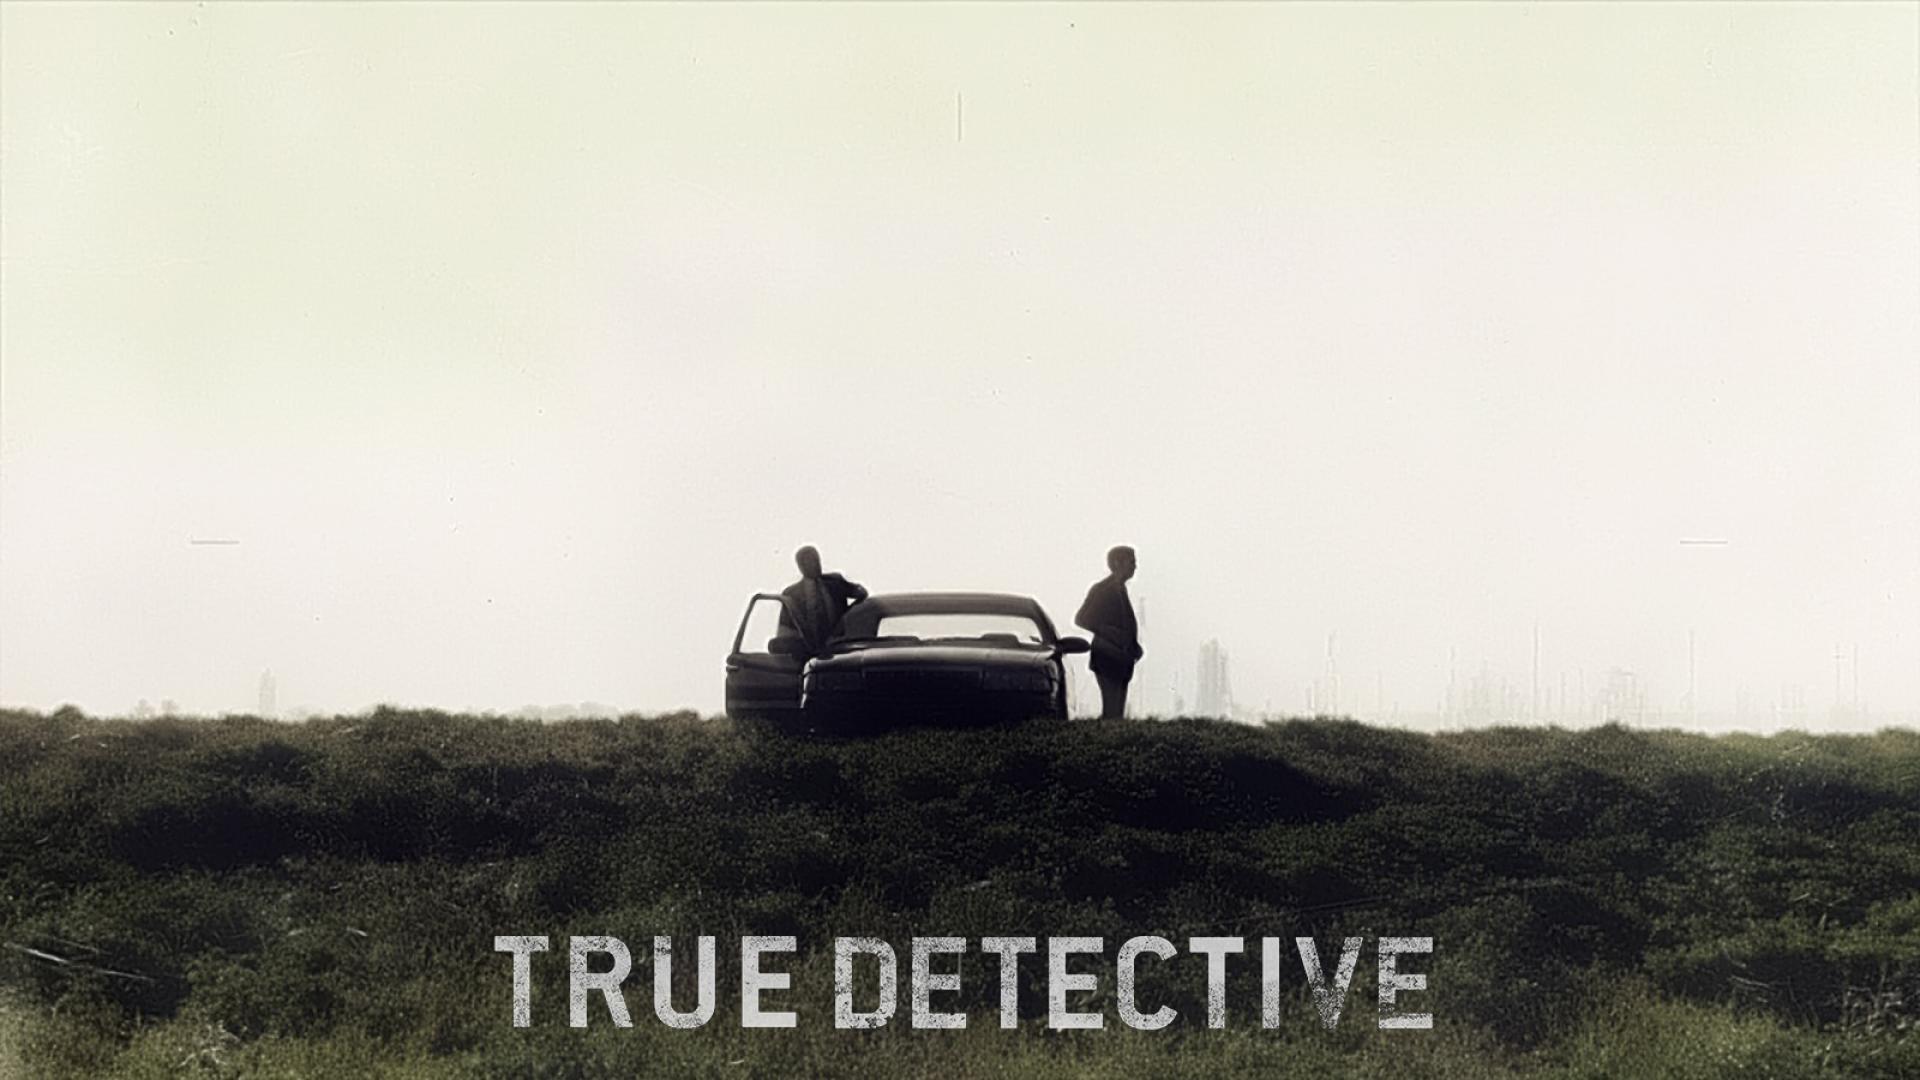 Jeremy Saulnier otthagyta a True Detective harmadik évadát